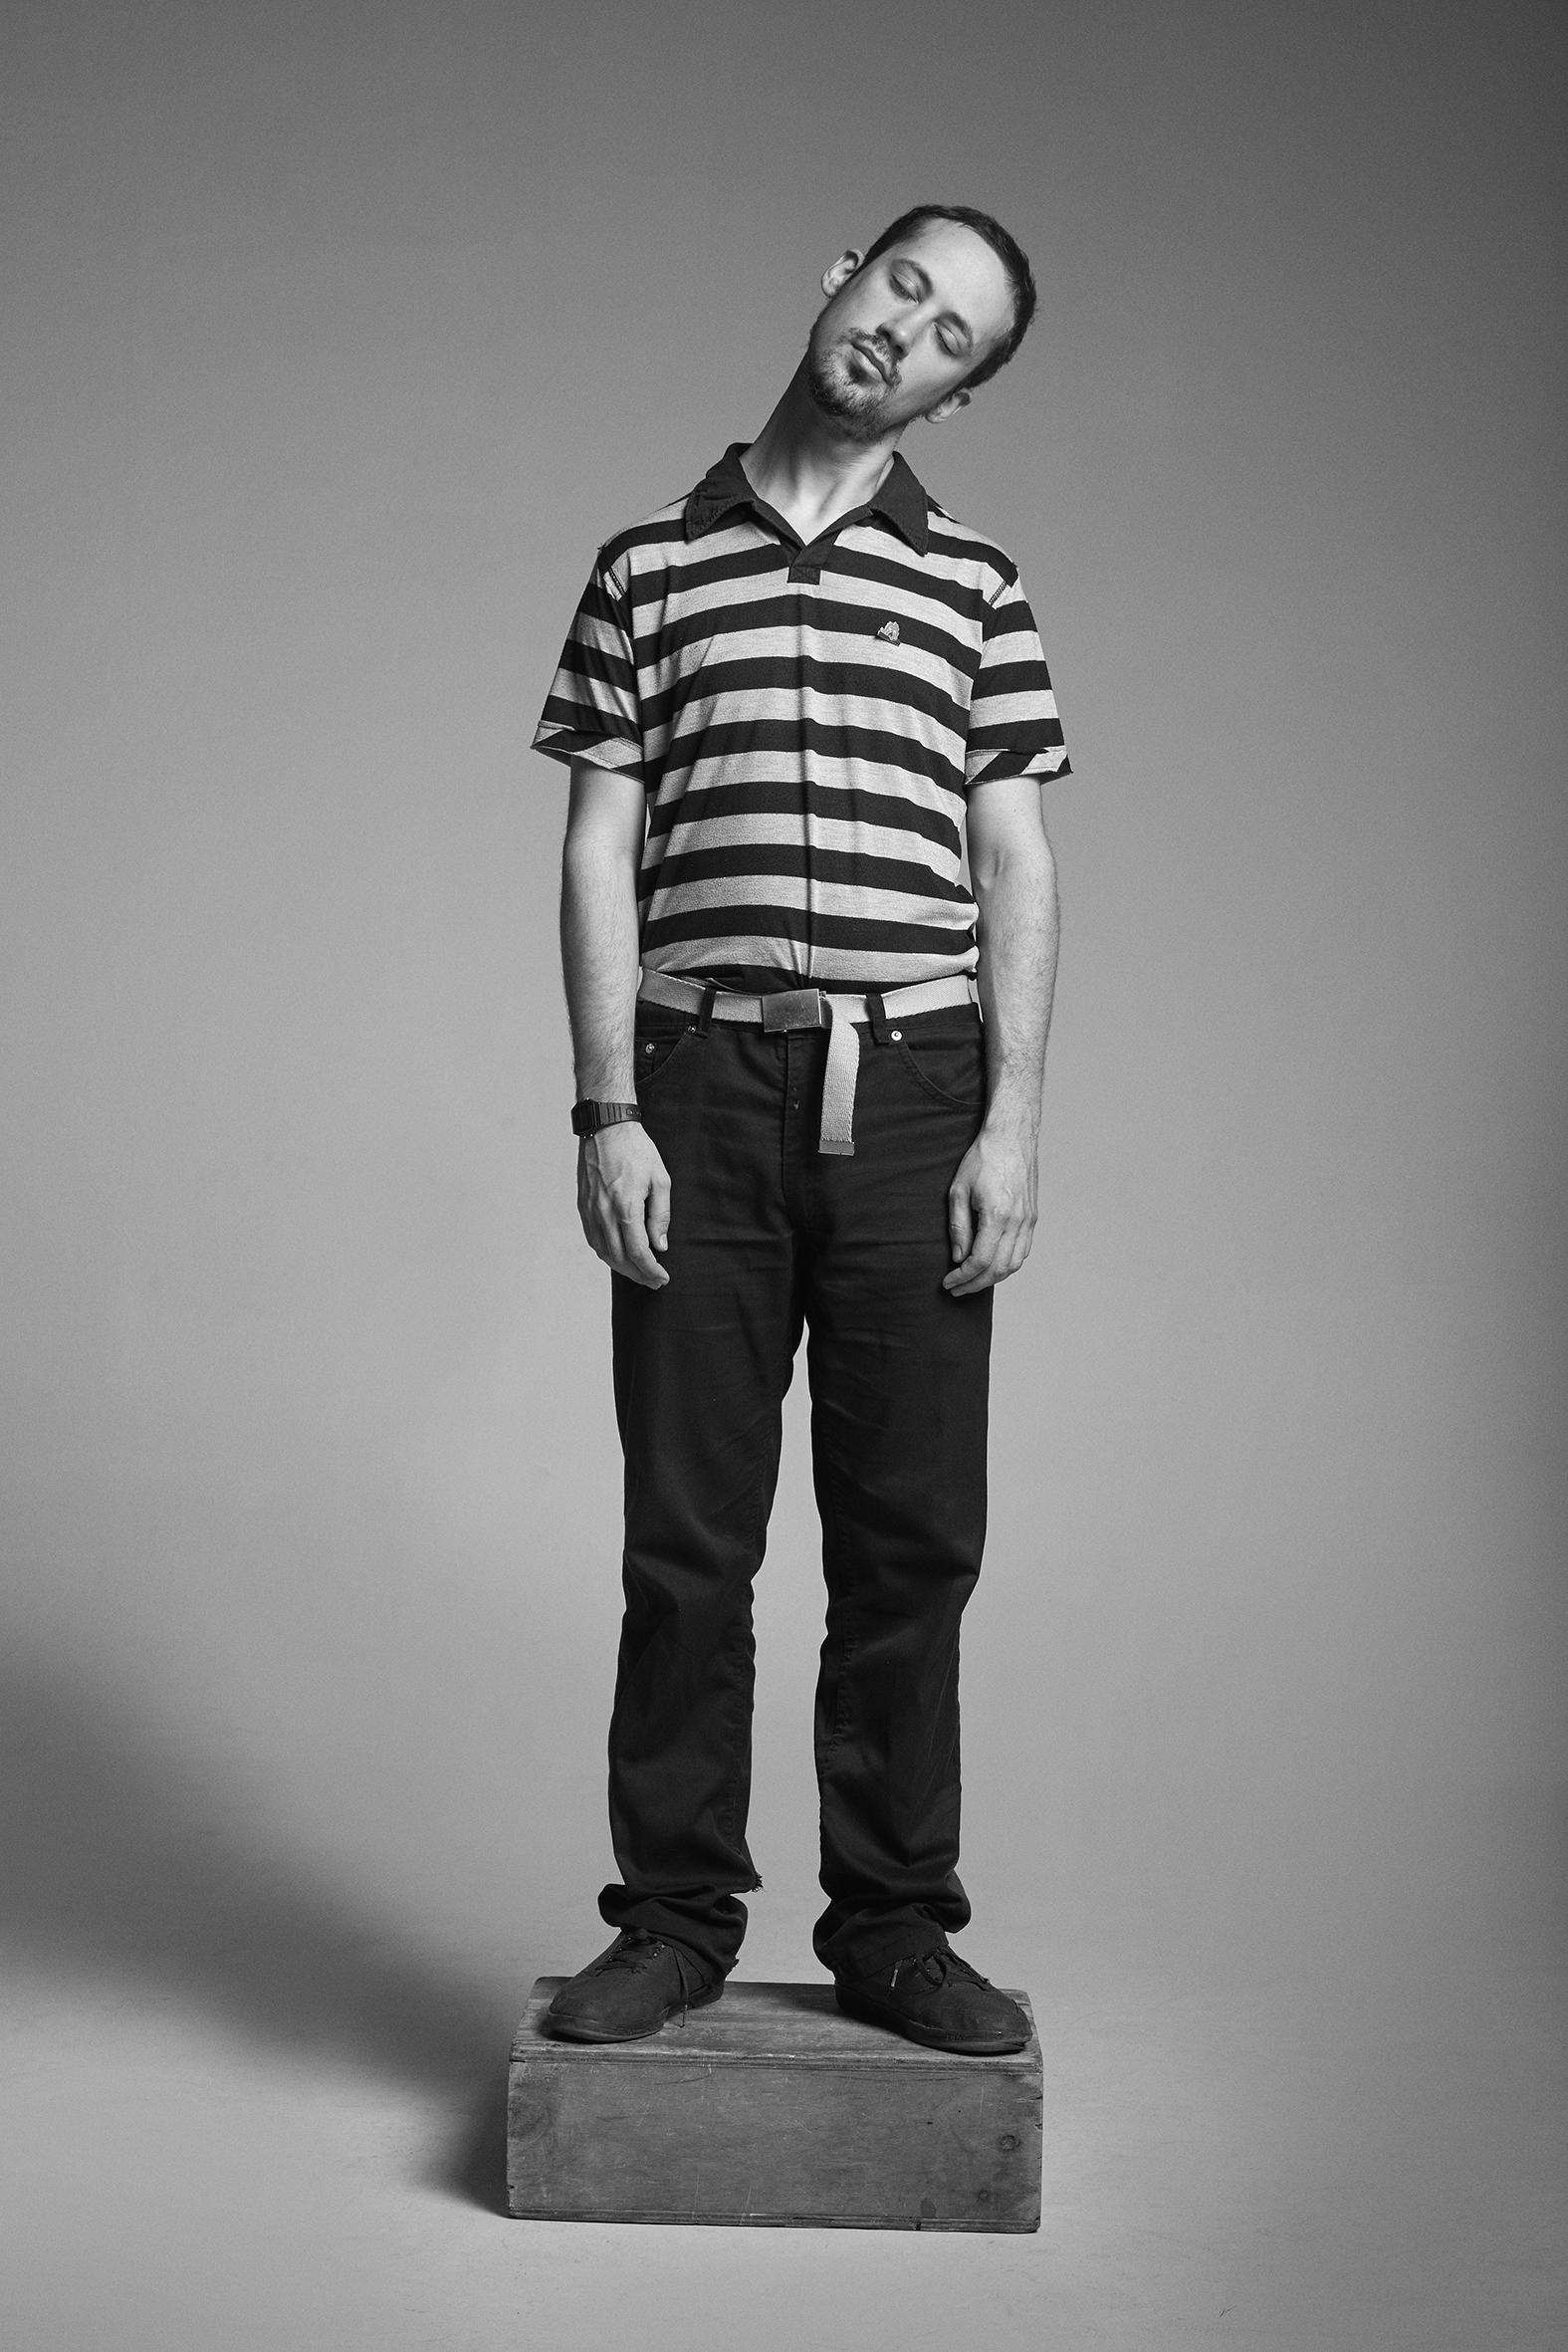 Retrato – Santiago Colombo Migliorero (vertical)